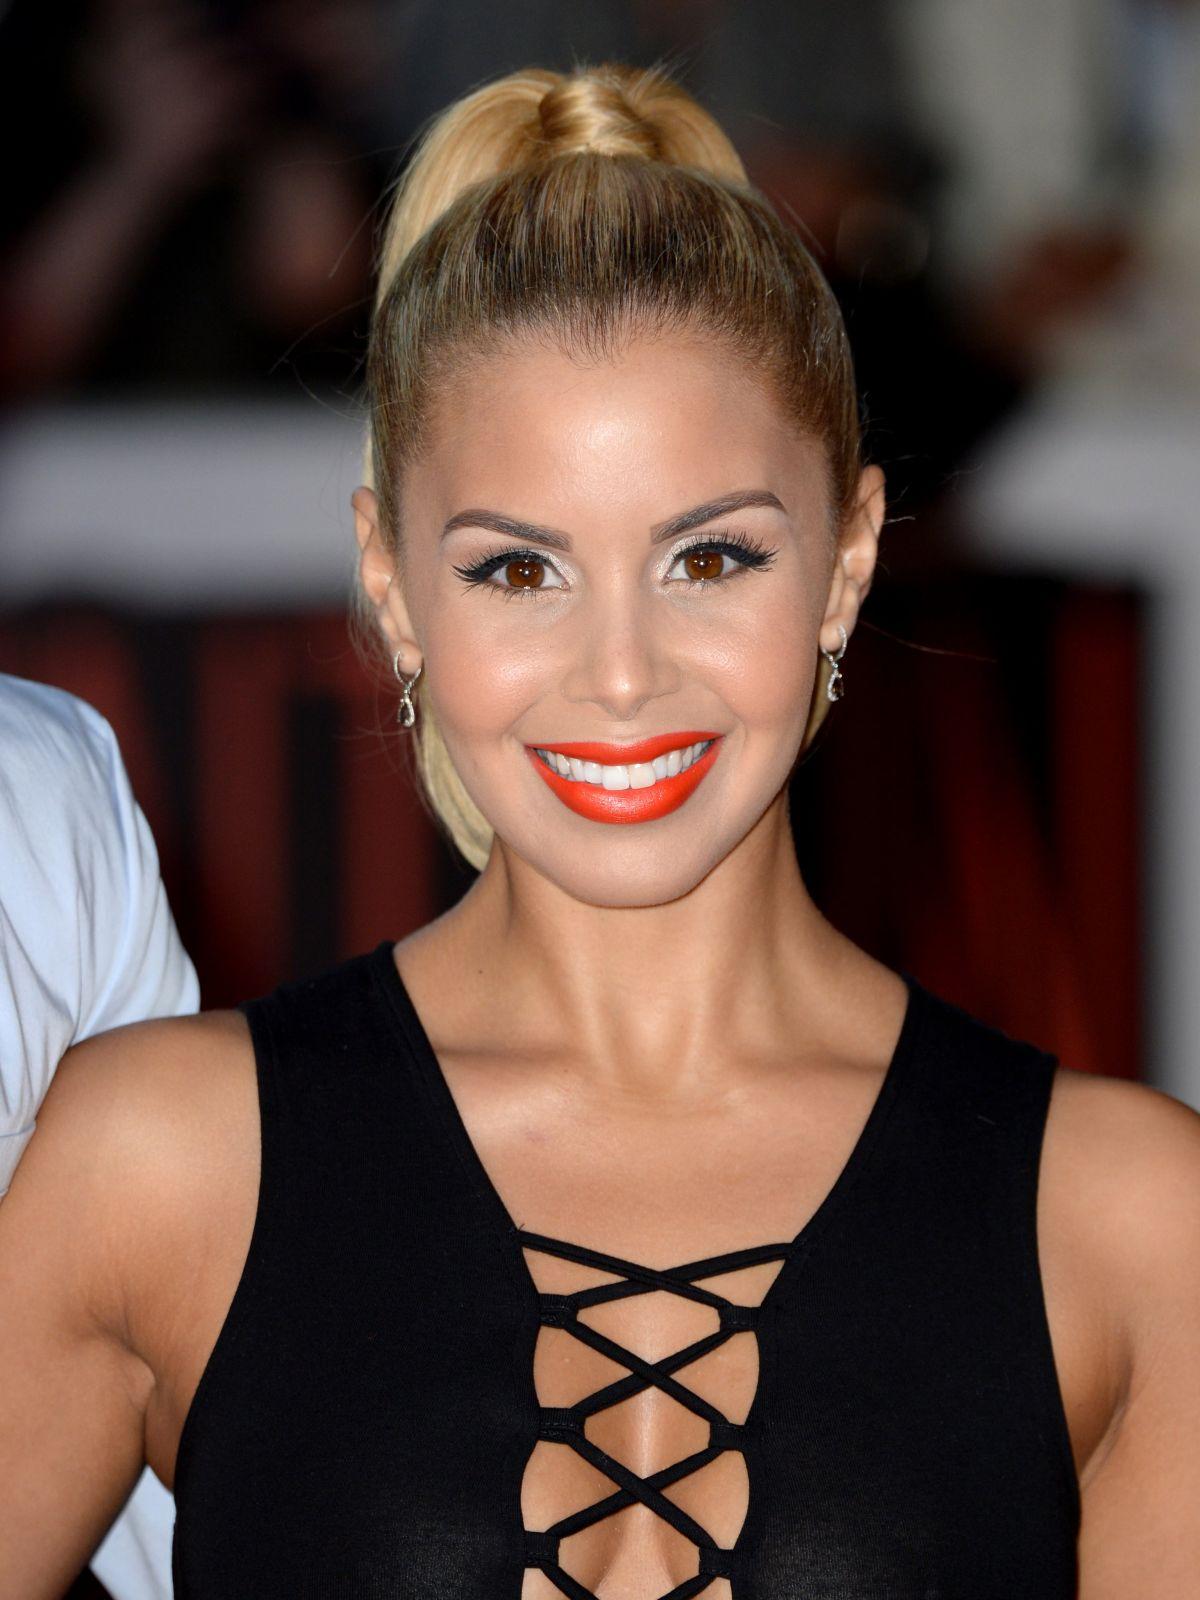 Shanie Ryan